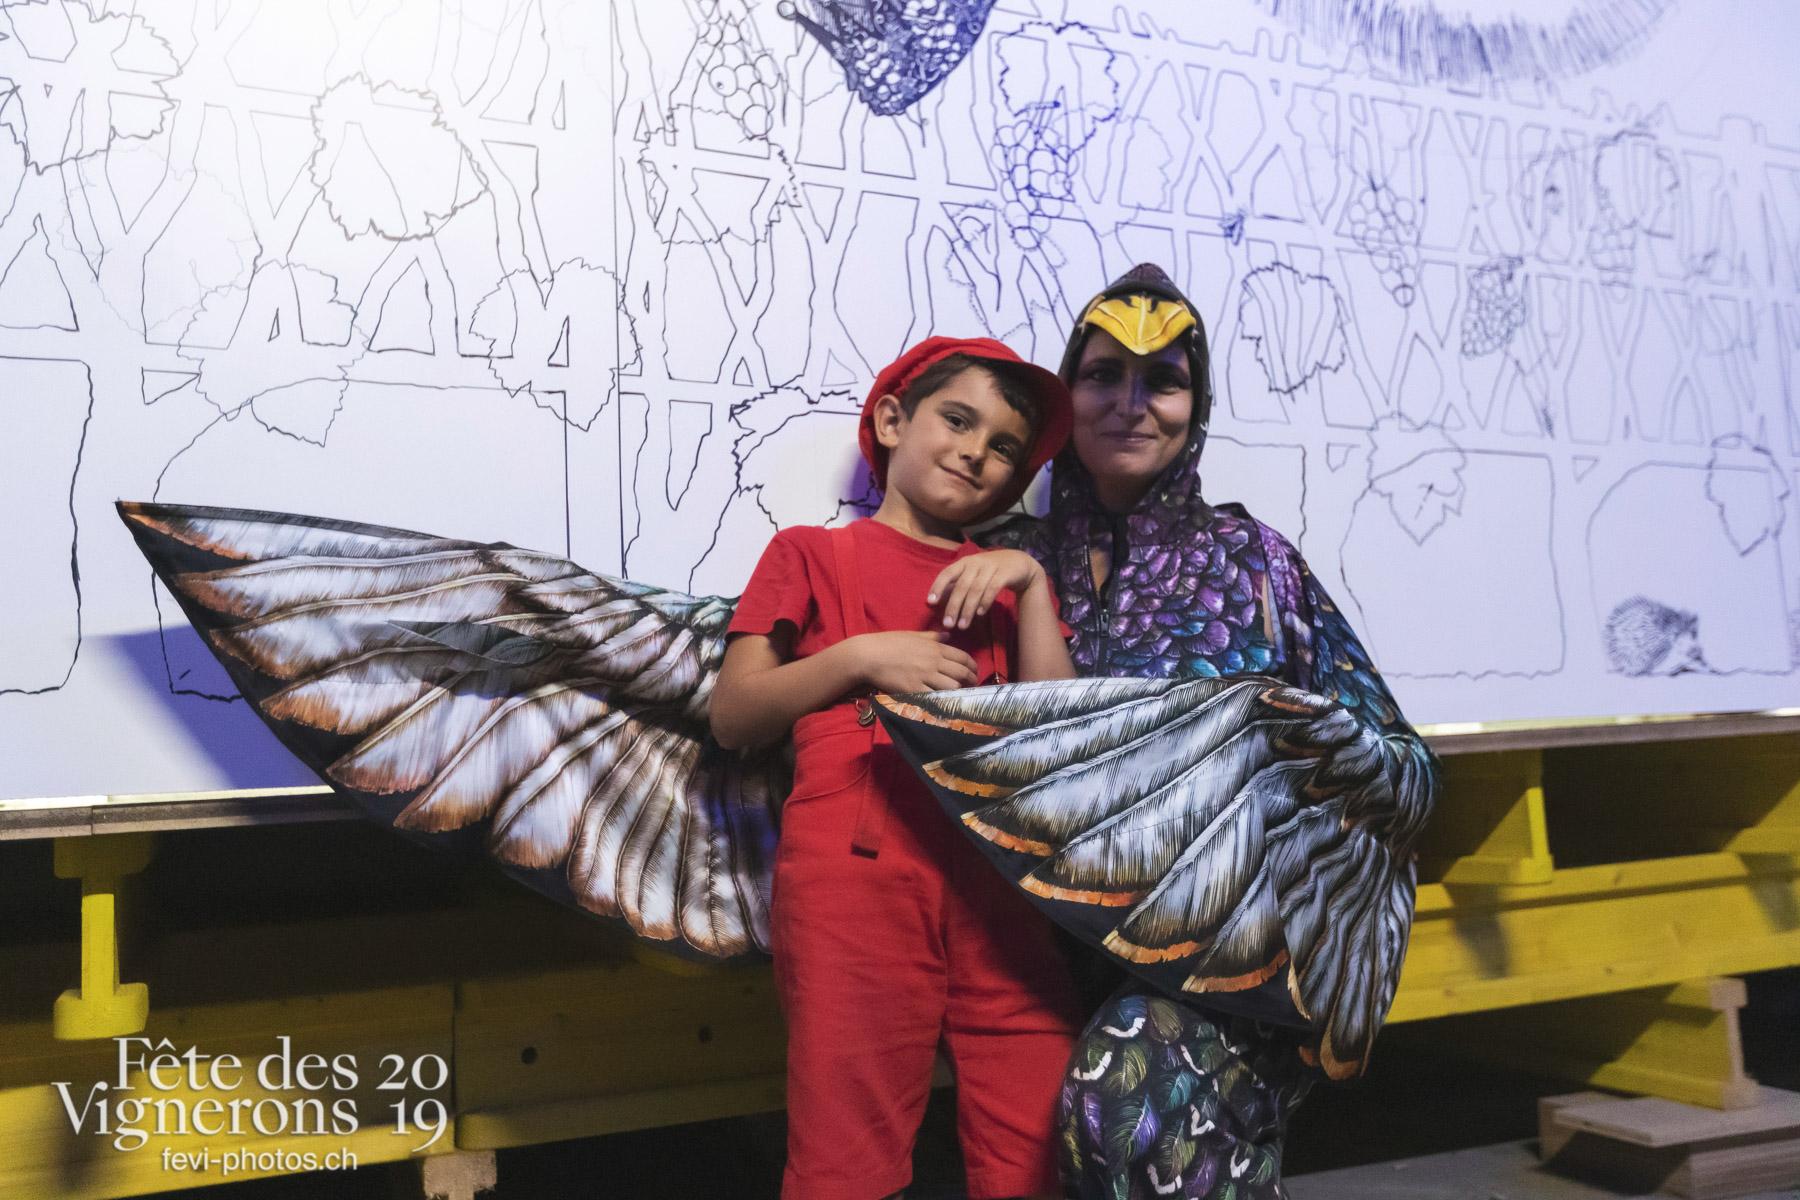 spectacle de nuit - Enfants protecteurs, daniele finizi pasca, etourneau. Photographes de la Fête des Vignerons 2019